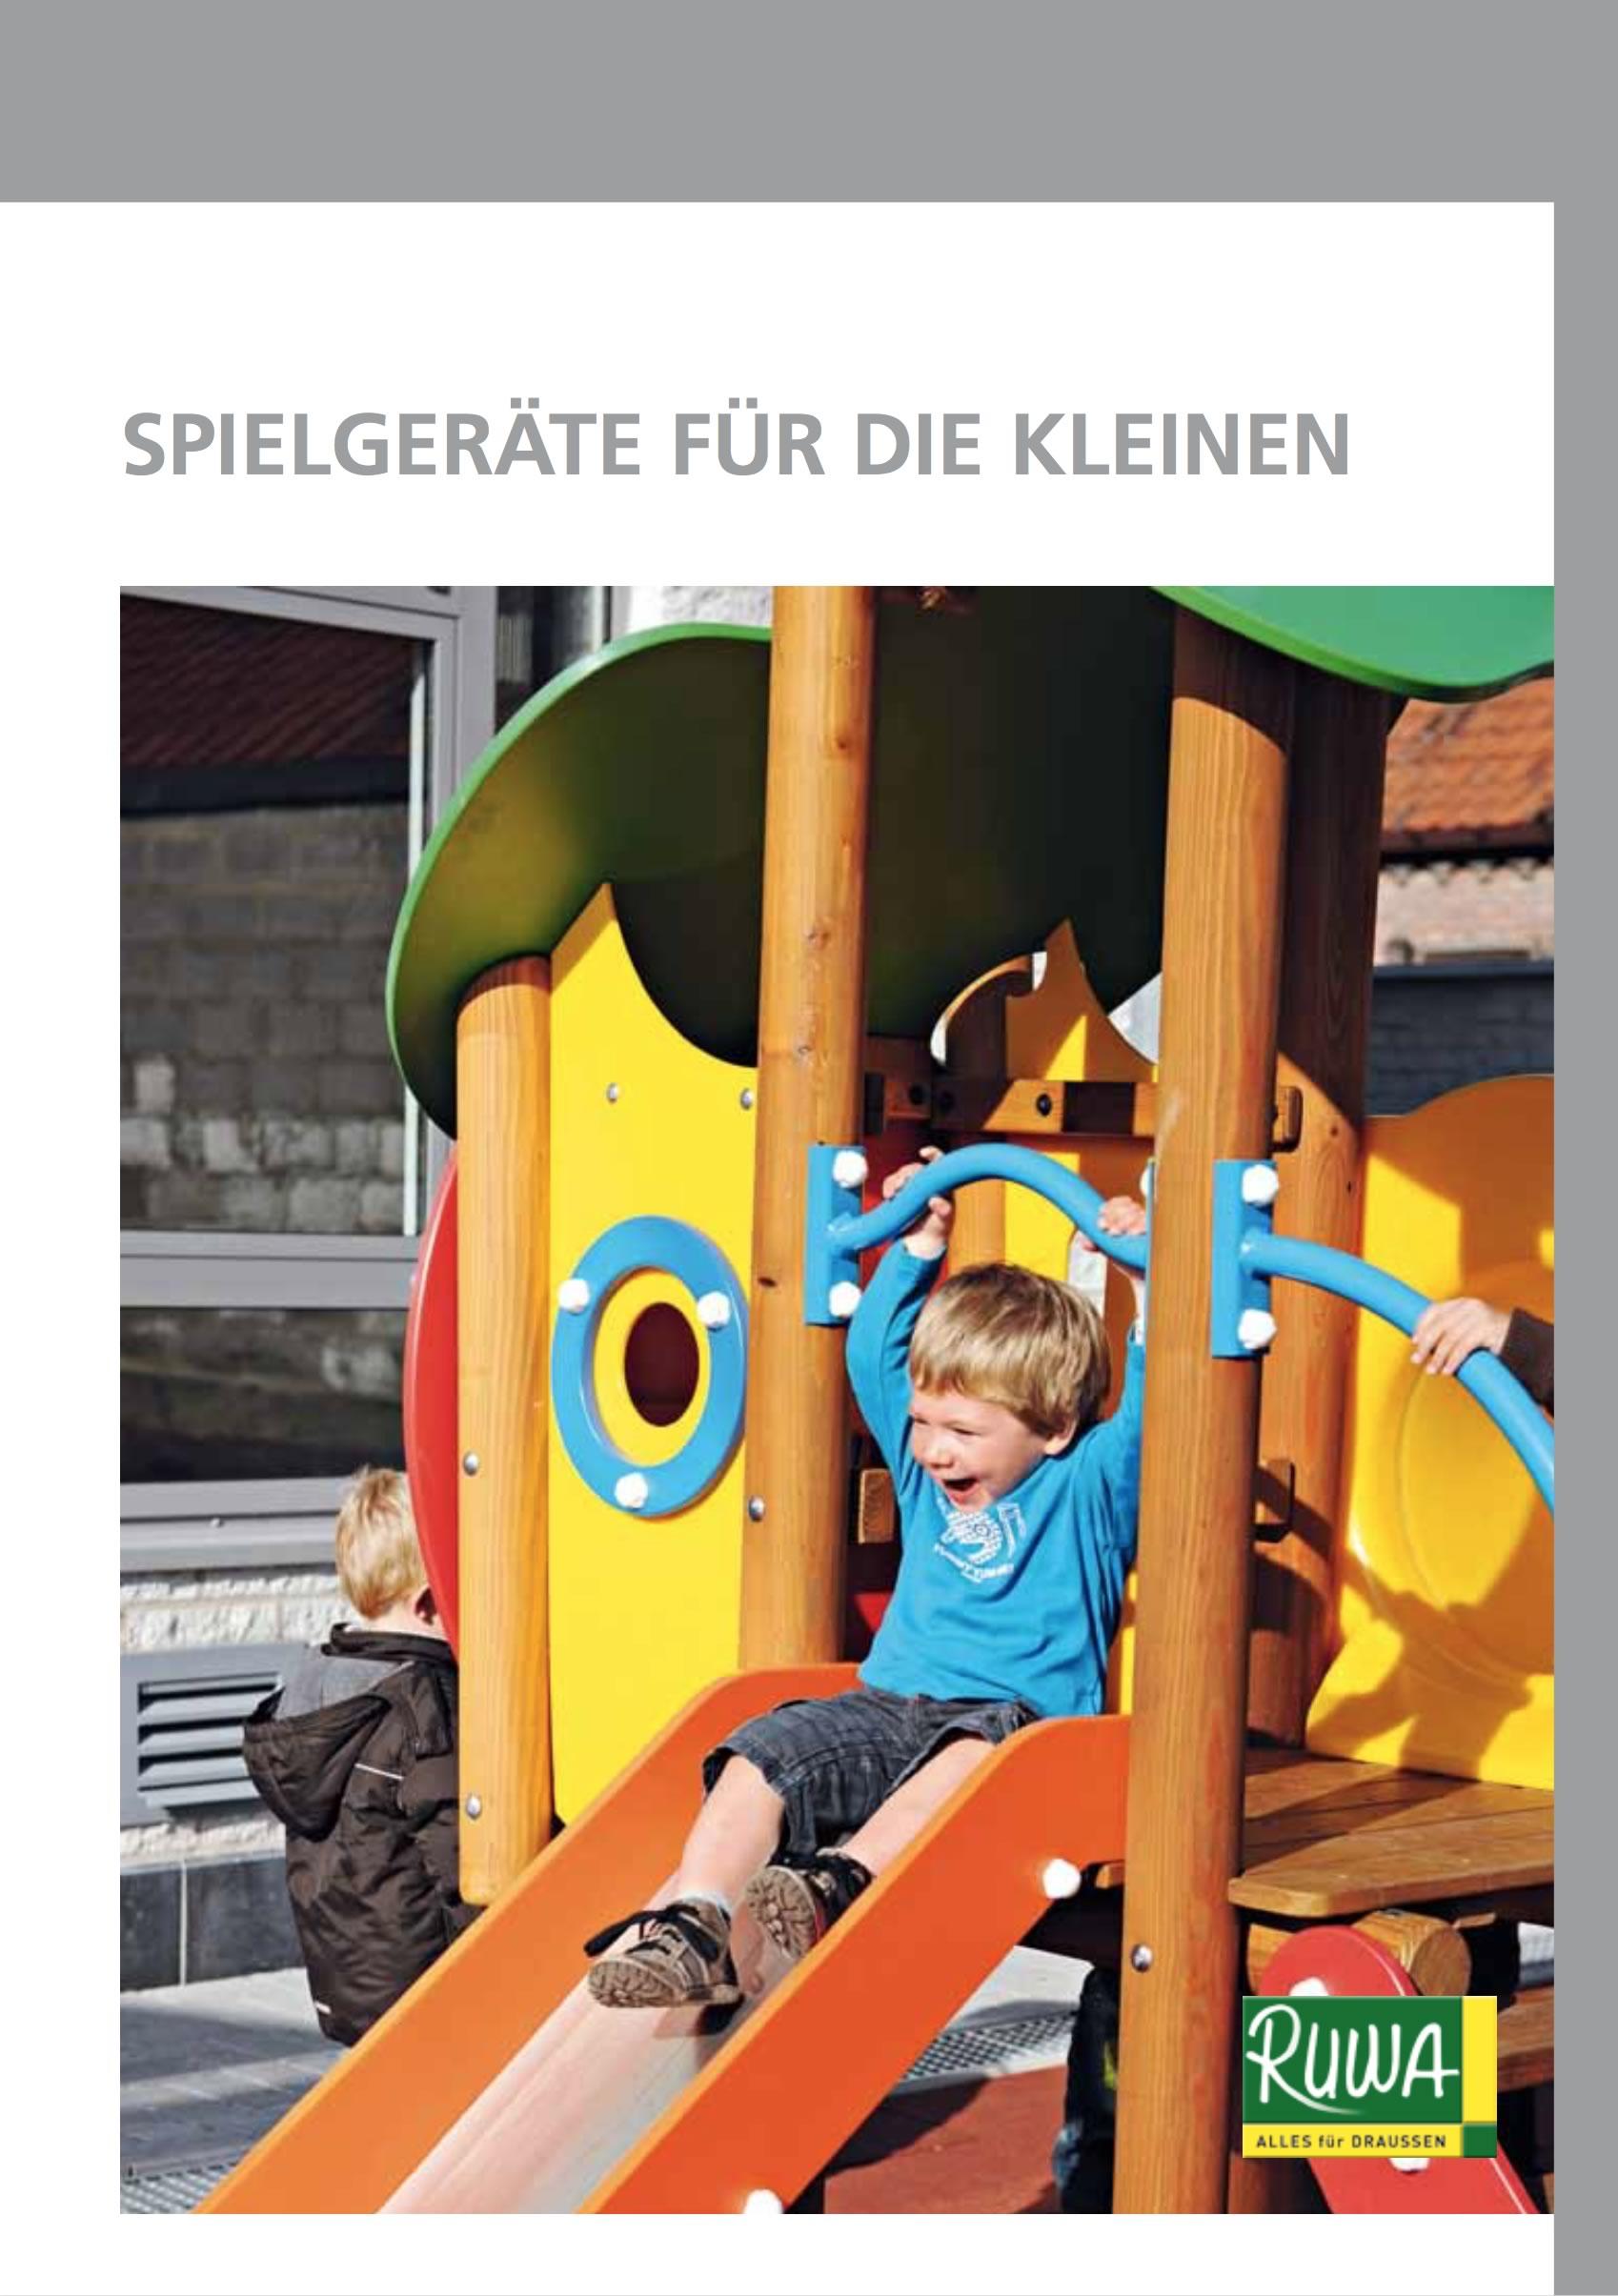 RUWA Blätterkatalog Spielgeräte für die Kleinen